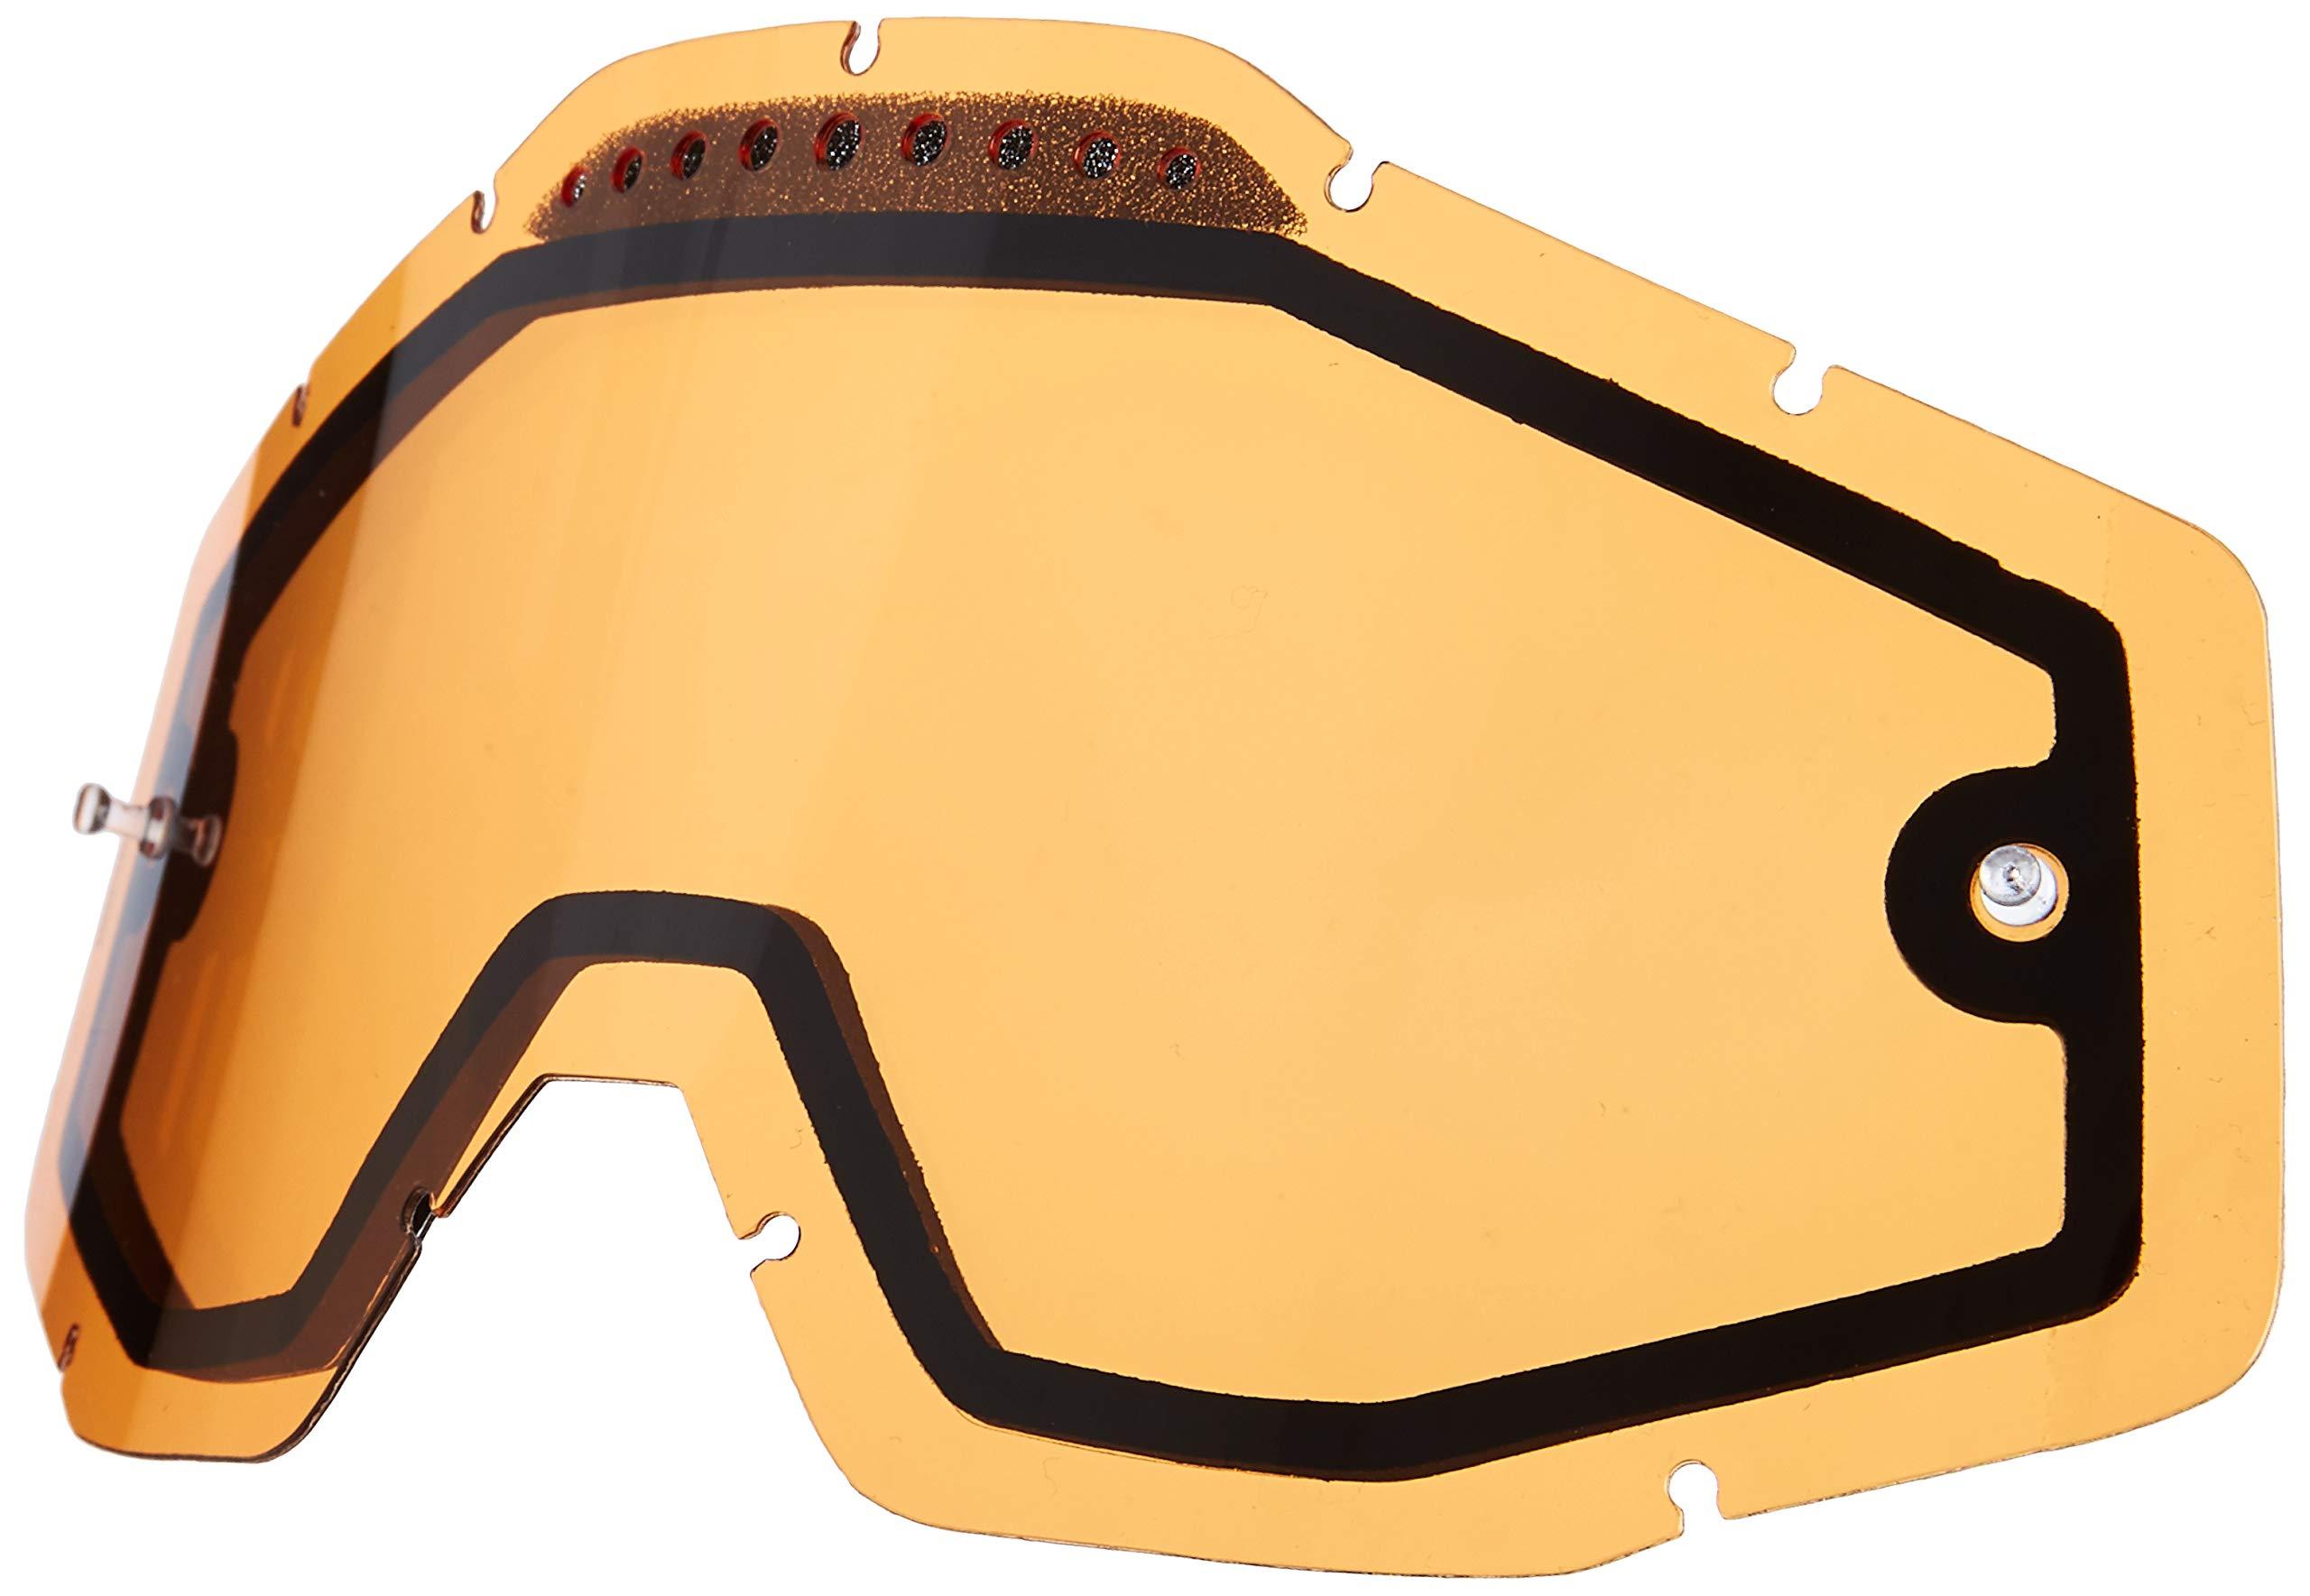 100% Unisex-Adult Speedlab (51006-046-02) RACECRAFT/ACCURI/STRATA Vented Dual Pane Lens Anti-Fog-Persimmon, Free Size